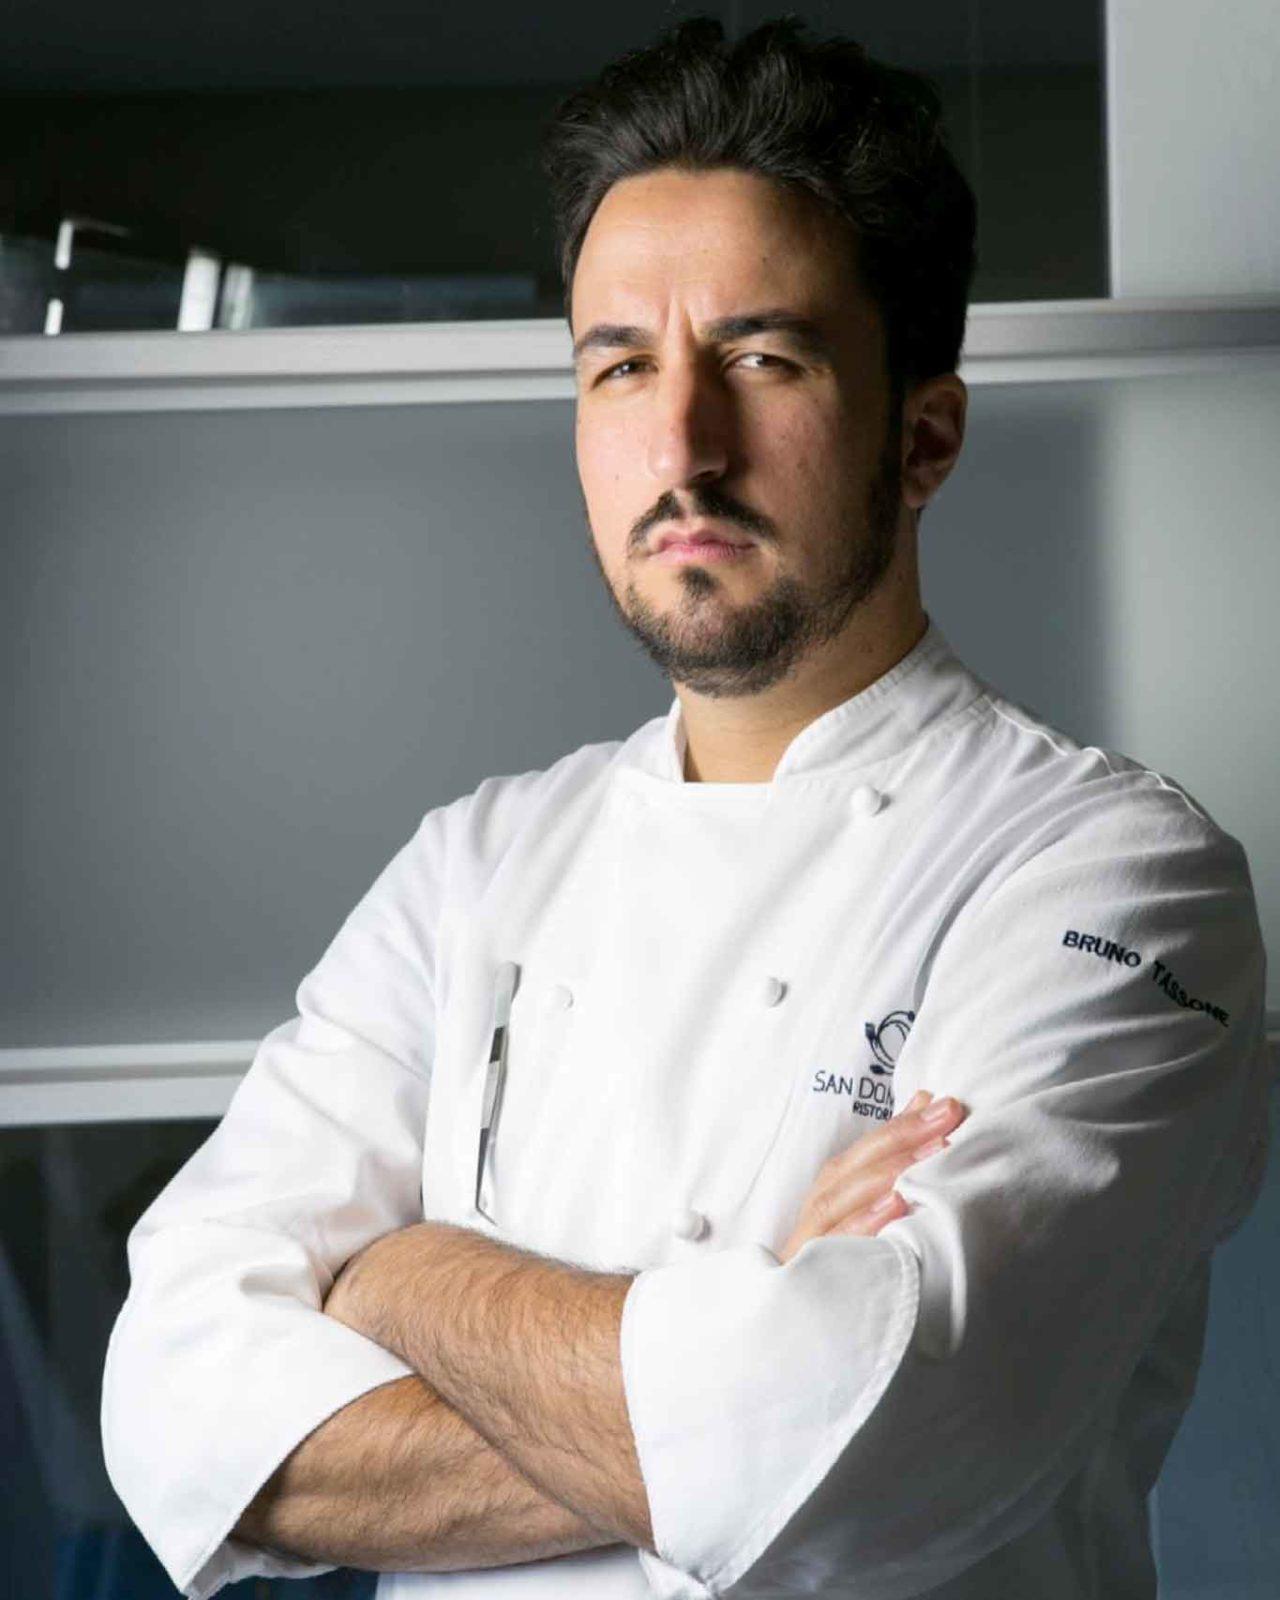 Bruno Tassone e le riaperture ristoranti il 26 aprile